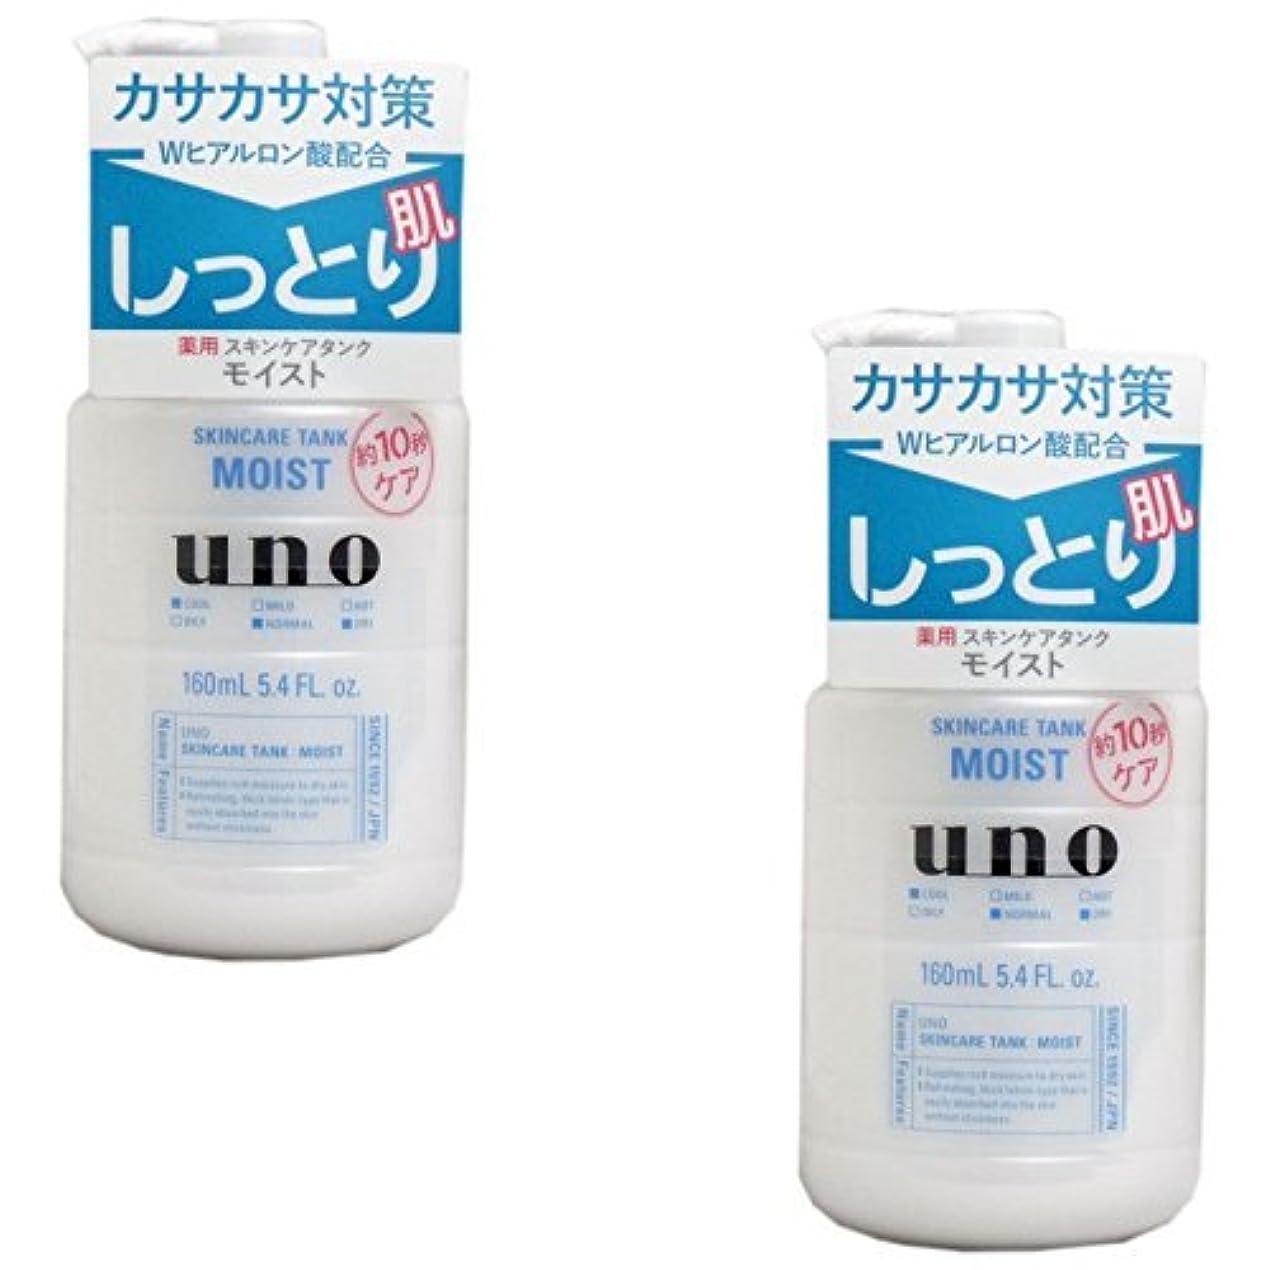 面白い選択有効【資生堂】ウーノ(uno) スキンケアタンク (しっとり) 160mL ×2個セット